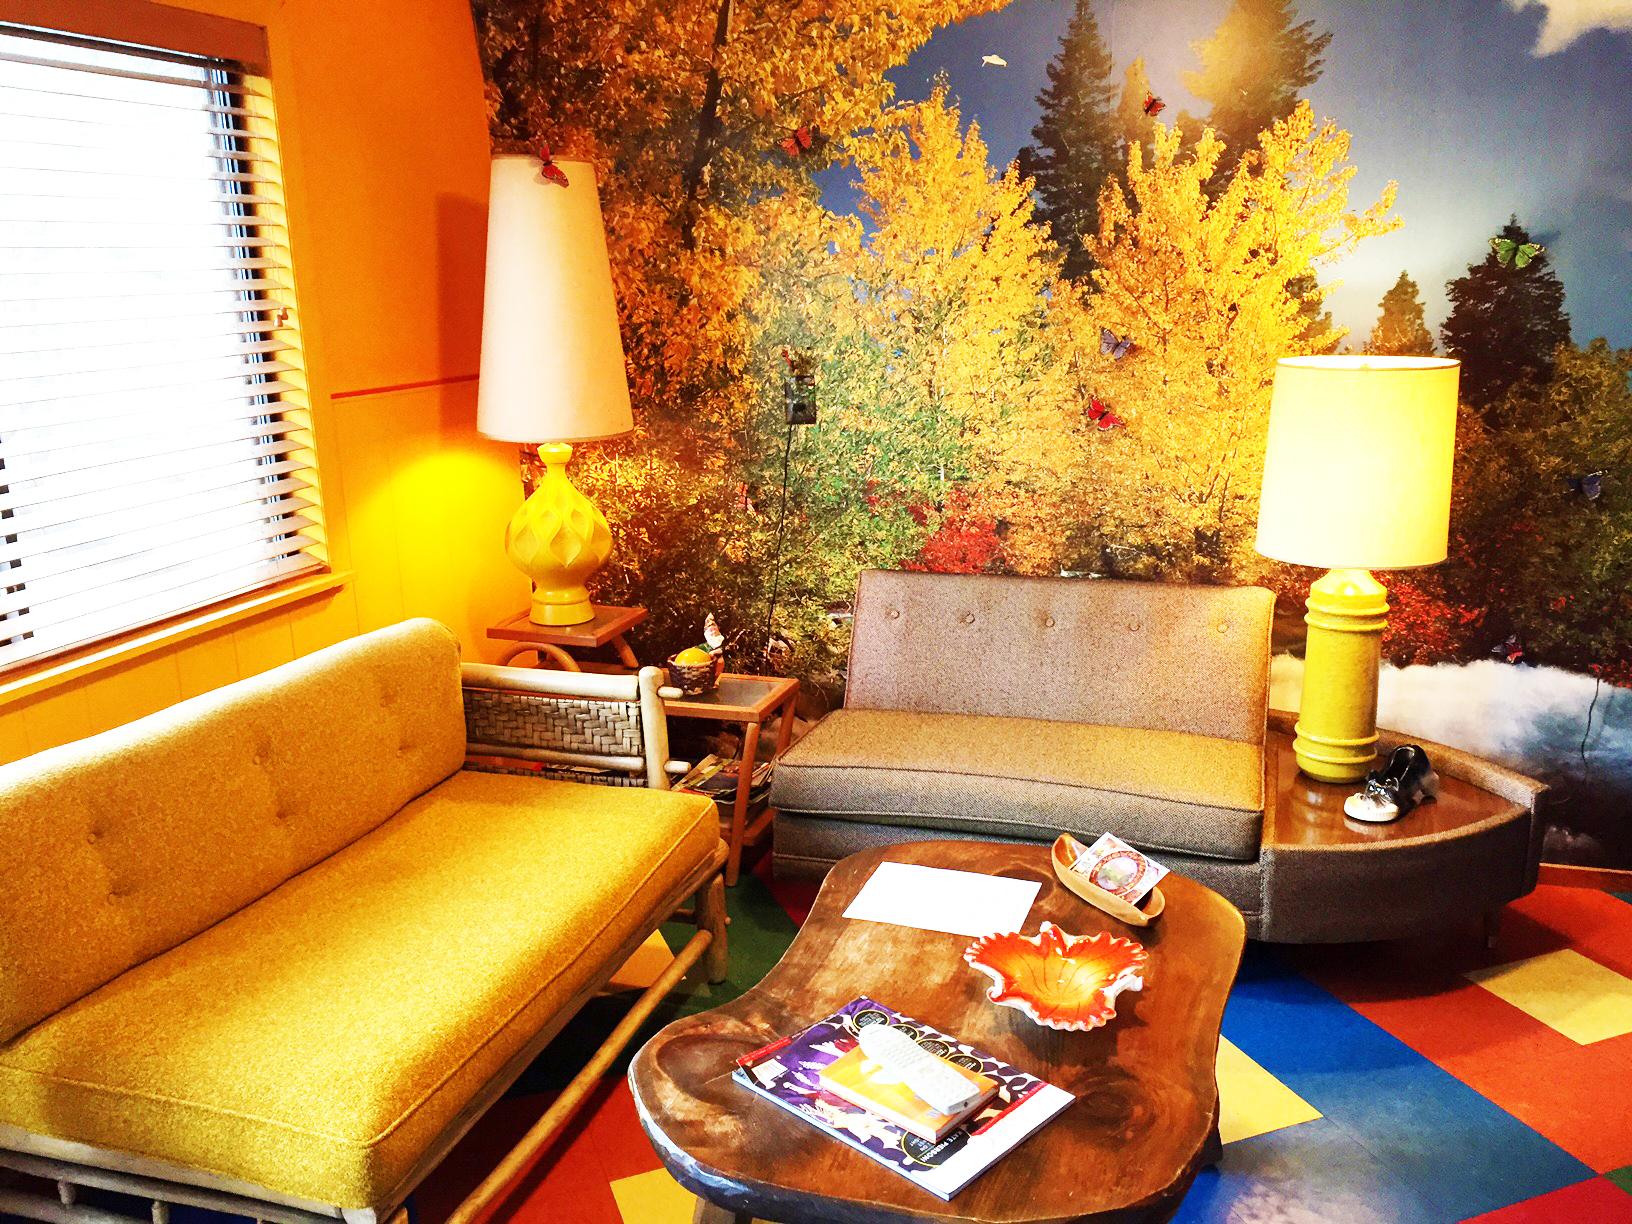 suite4_livingroom2 copy.jpg